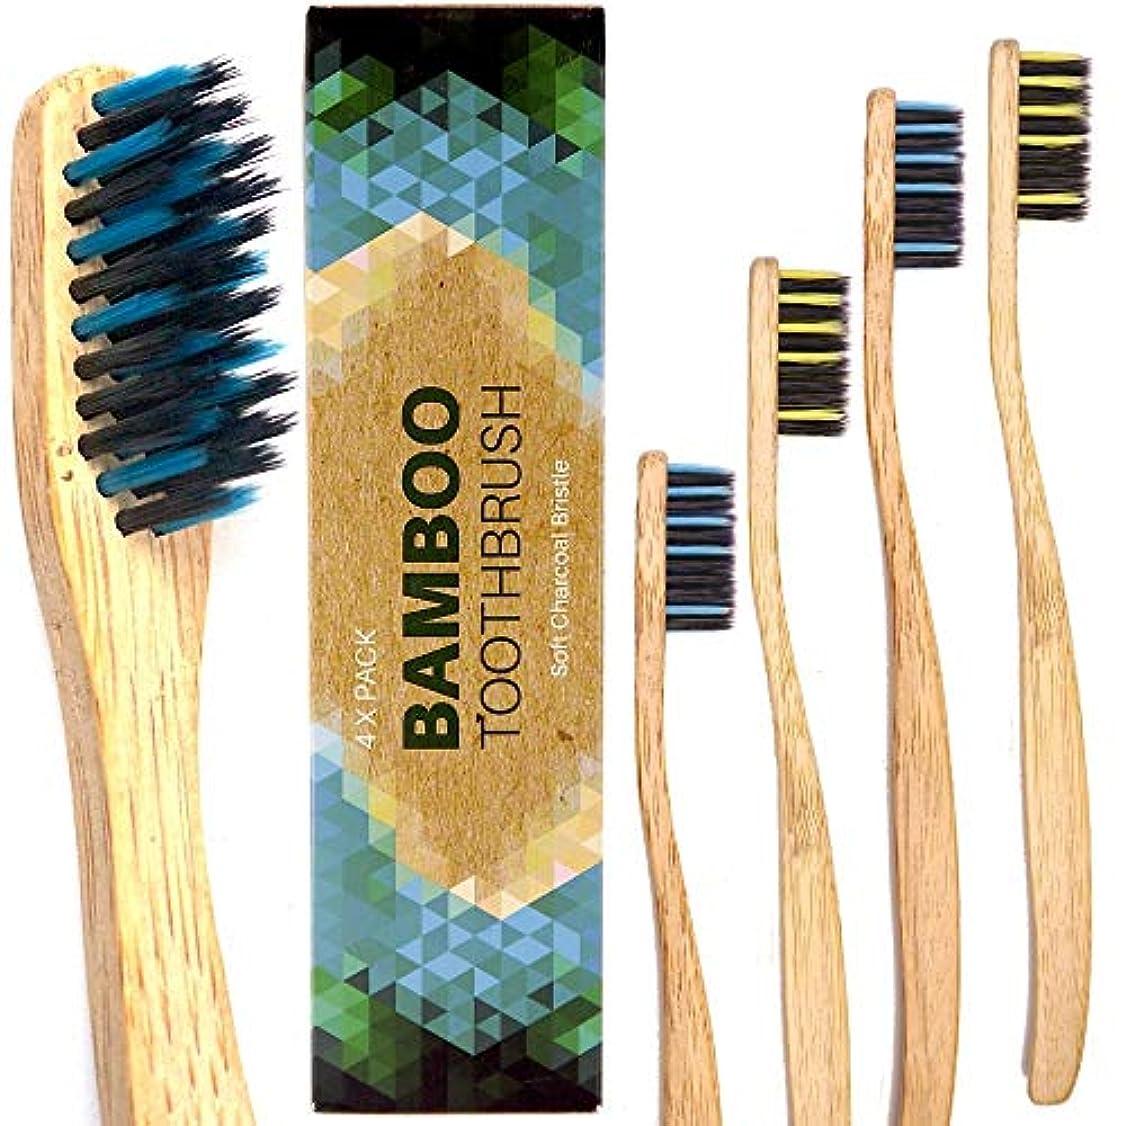 かる意気込みスキャンダル竹製歯ブラシ。チャコールブリストル大人 - ミディアム及びソフト、生分解性、ビーガン、バイオ、エコ、持続可能な木製ハンドル4本パック4 Bamboo Toothbrushes, ホワイトニング 歯, ドイツの品質, 竹歯ブラシ